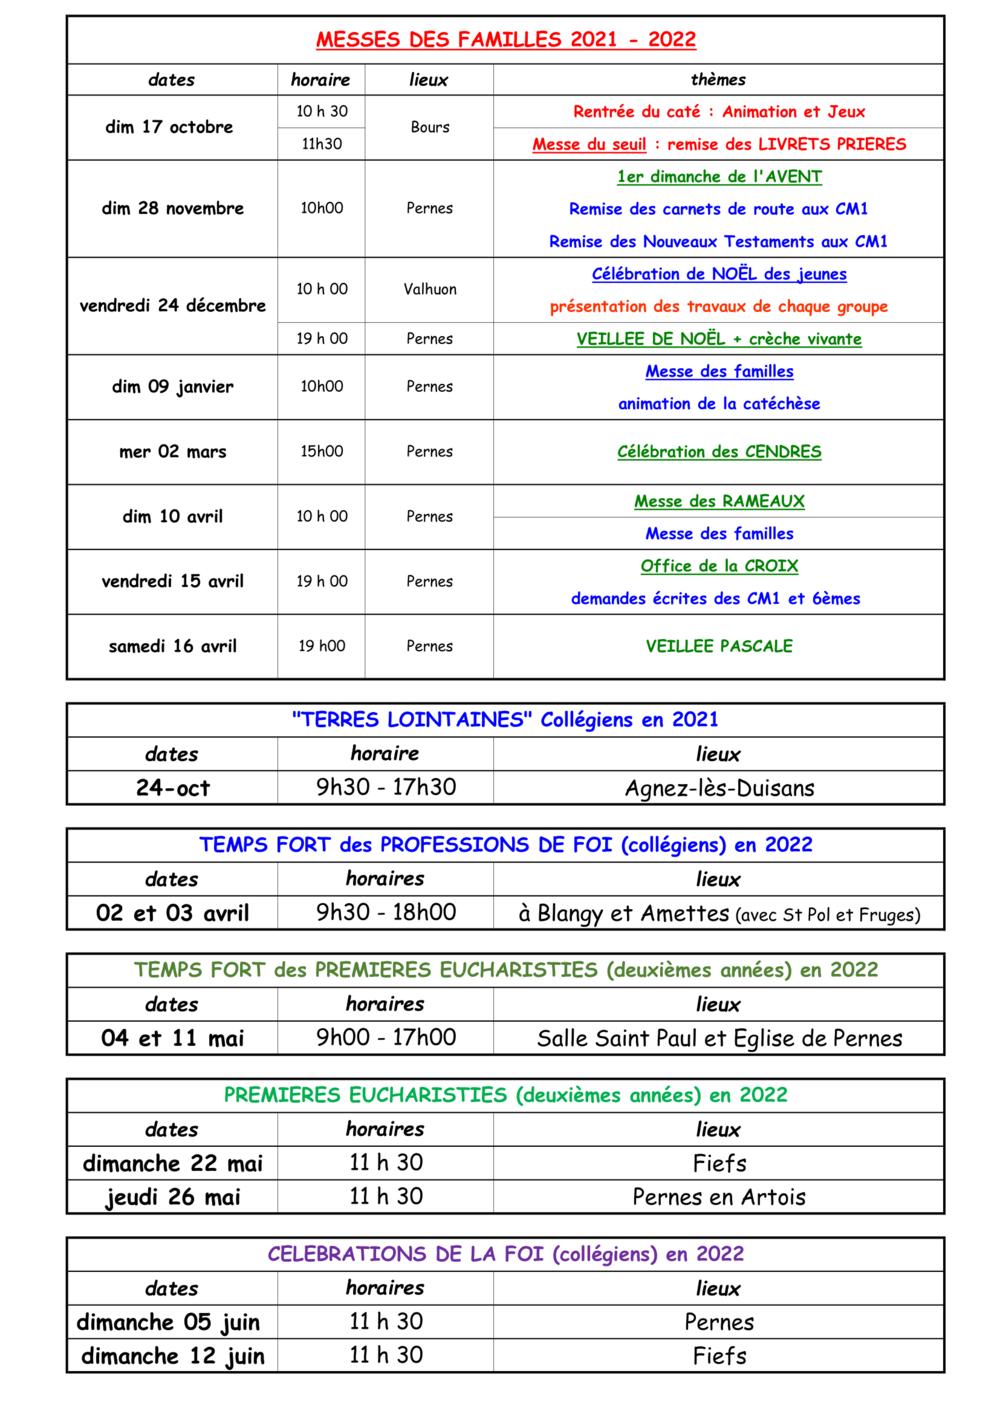 05-dates des messes-celebrations-communions-1